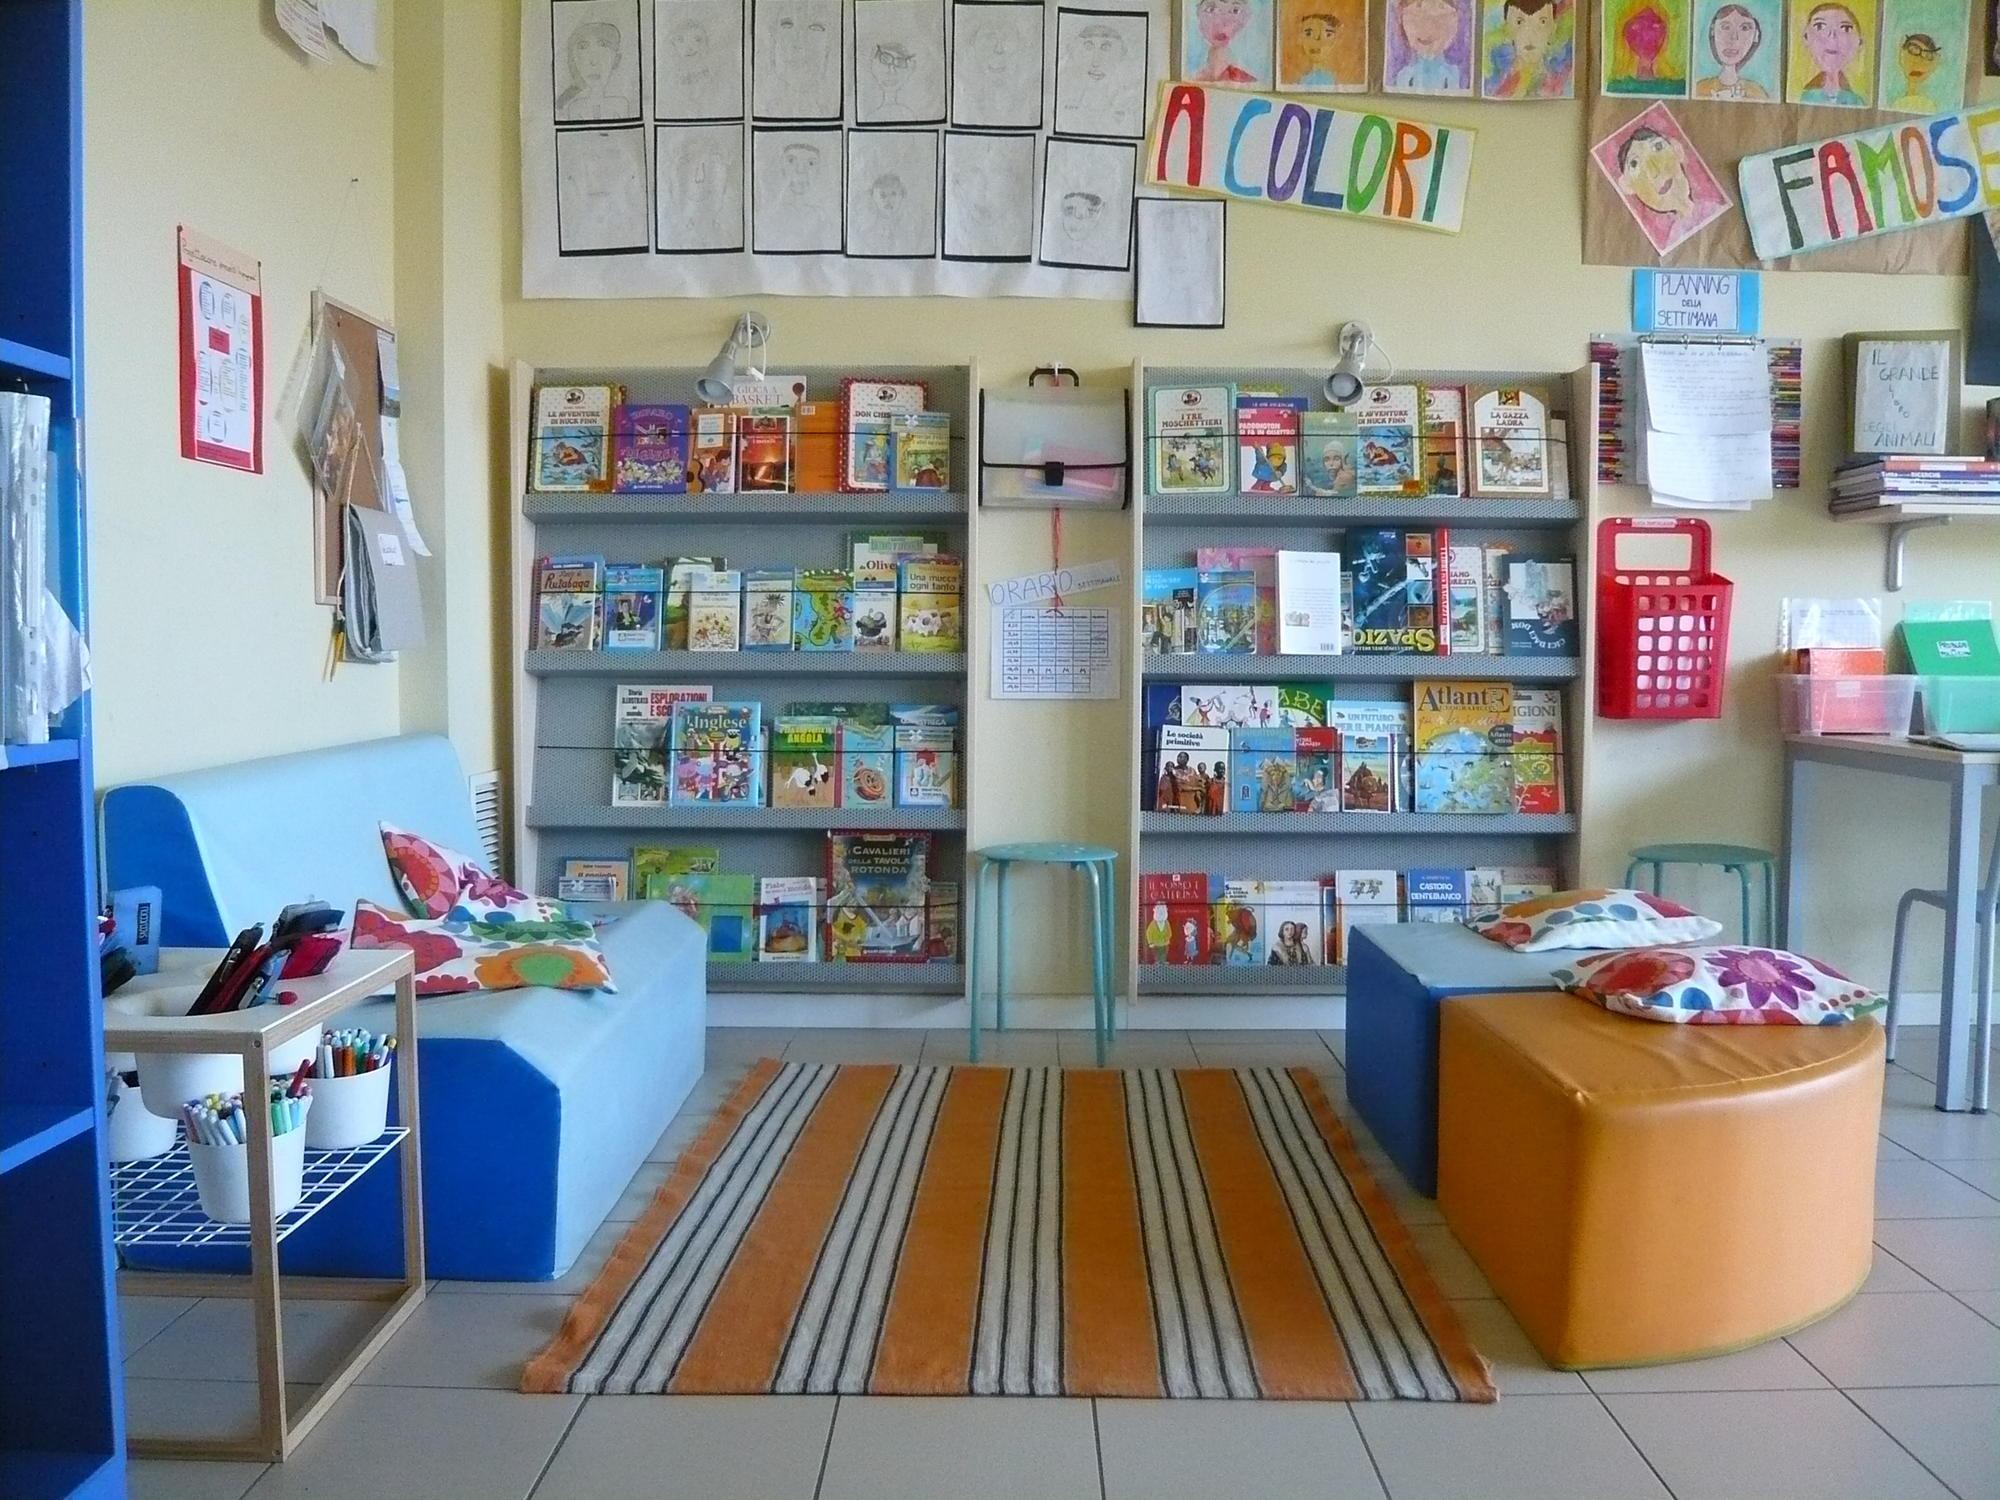 Visita alla scuola di Fauglia - Senza Zaino